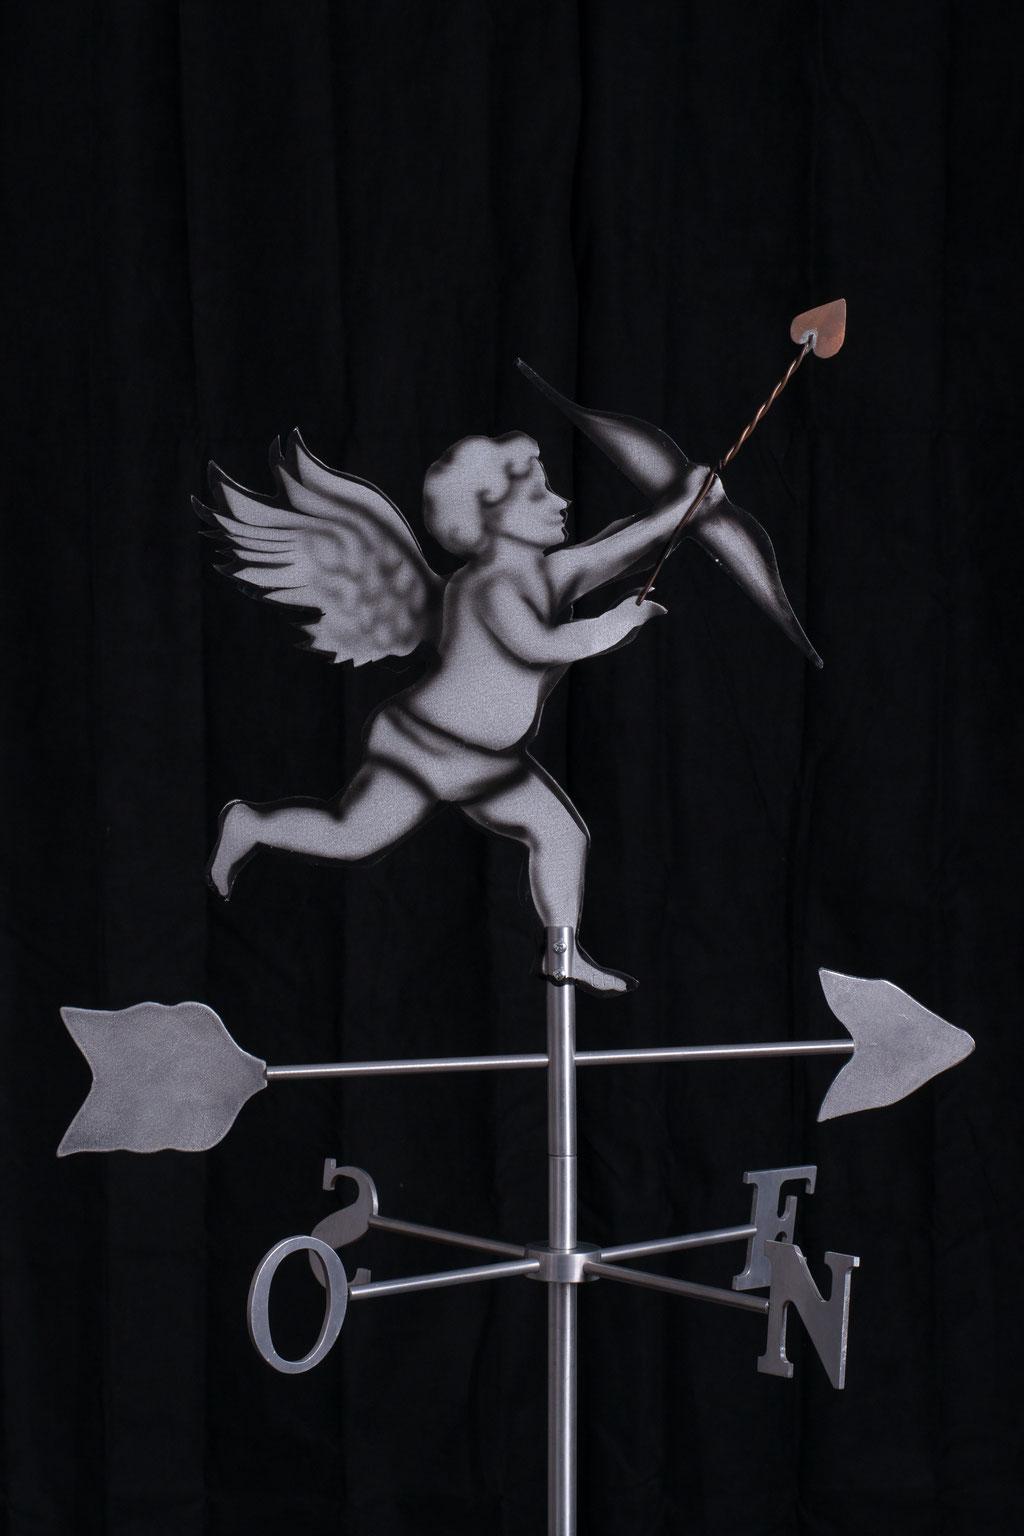 """Girouette Cupidon, Aluminium acrylique  ,36"""" haut x 24"""" x 24"""", 2015. $350.00"""